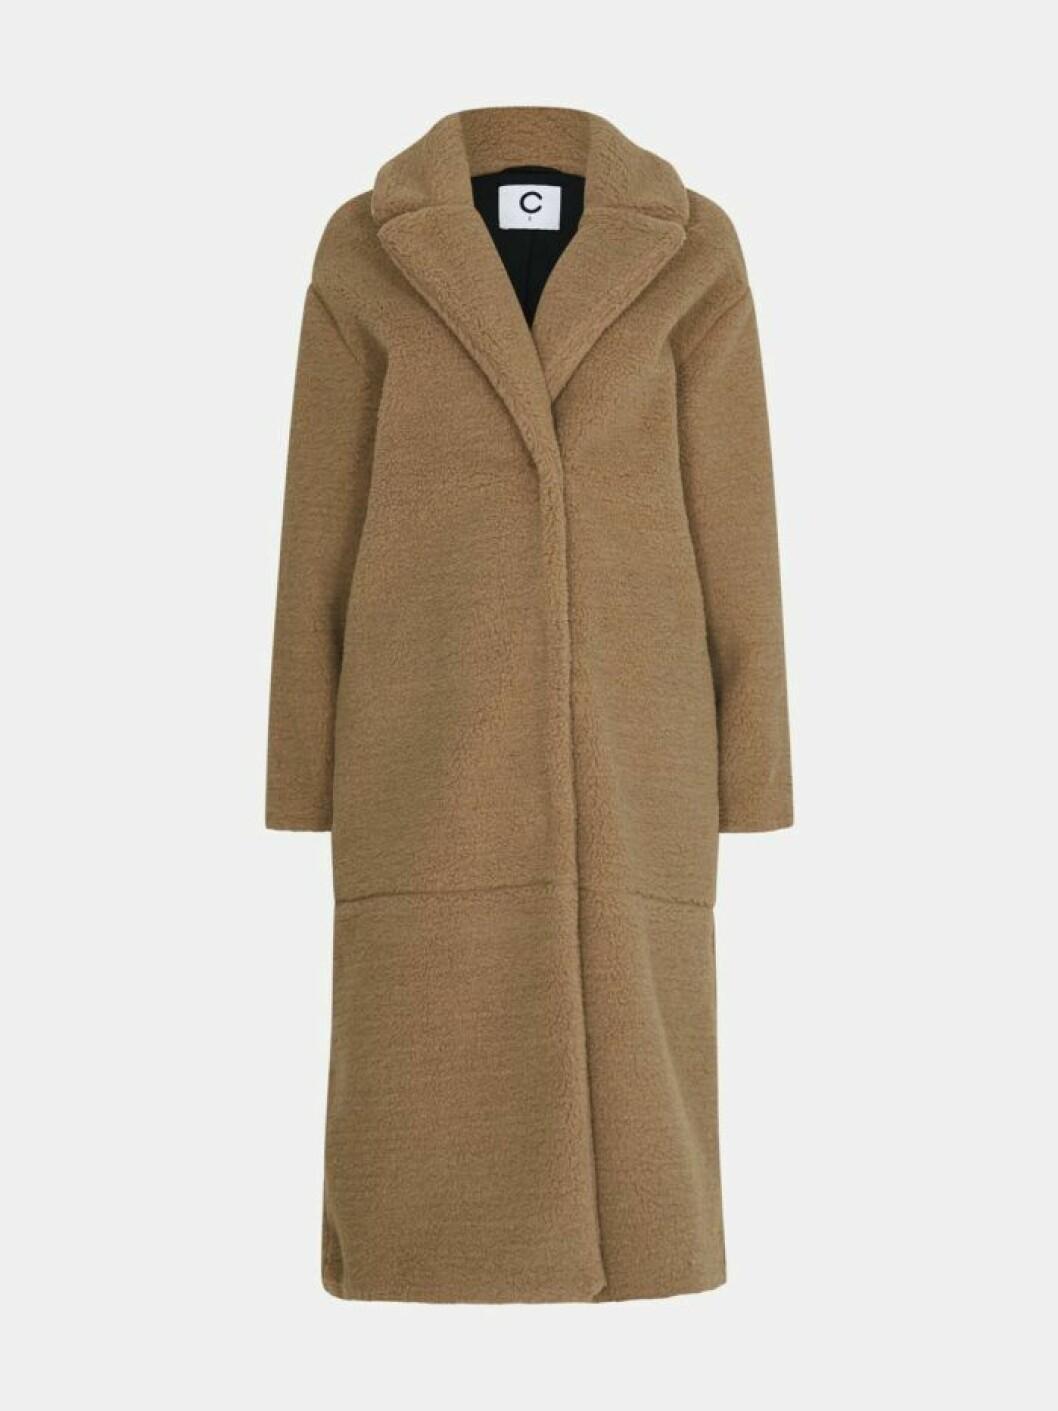 Lång kappa i brun färg